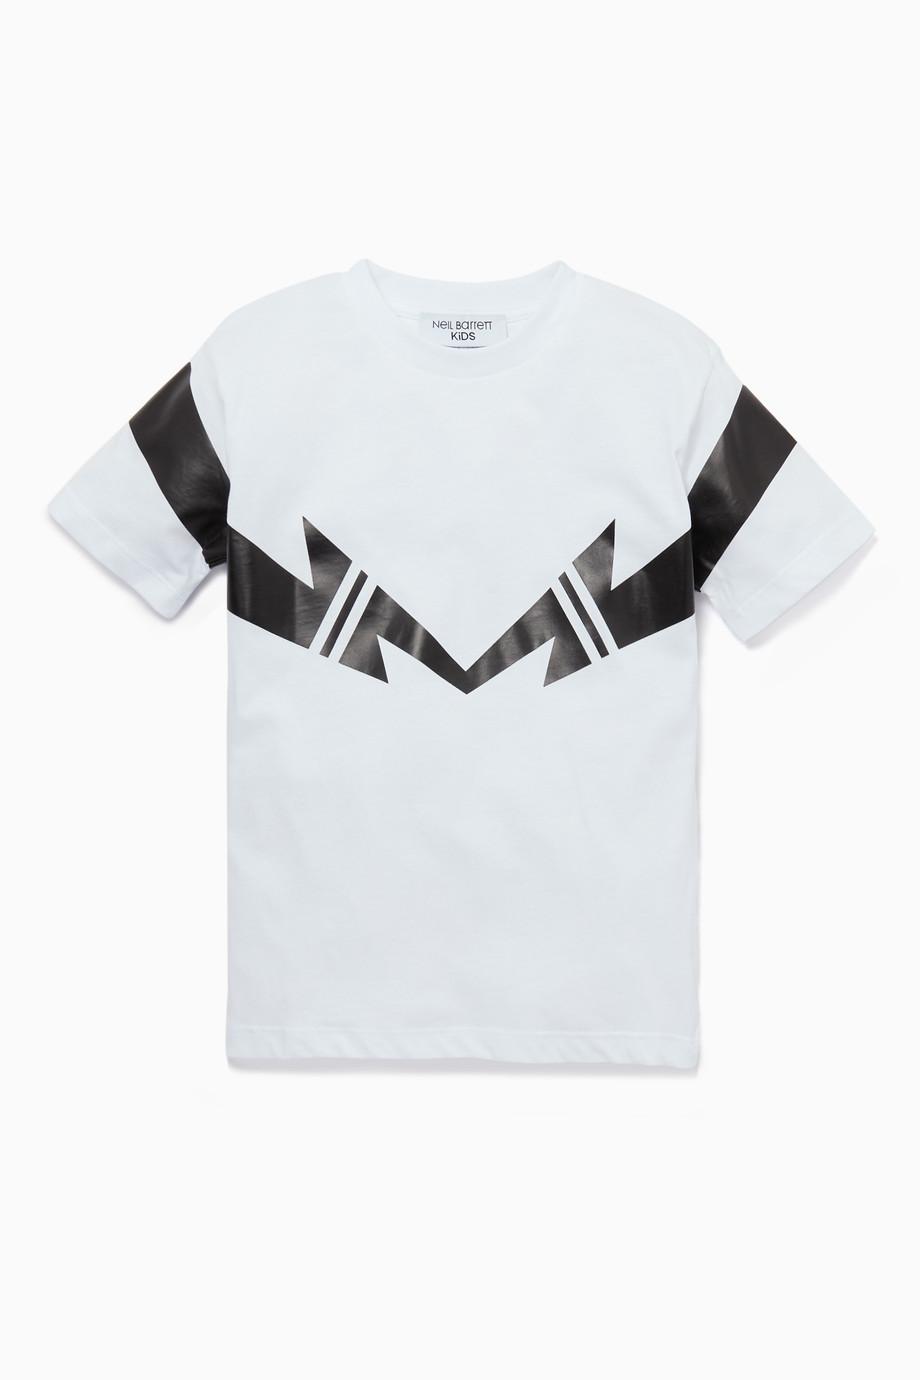 5bcd1410 Shop Neil Barrett White Geometric Lightning Print T-Shirt for Kids ...